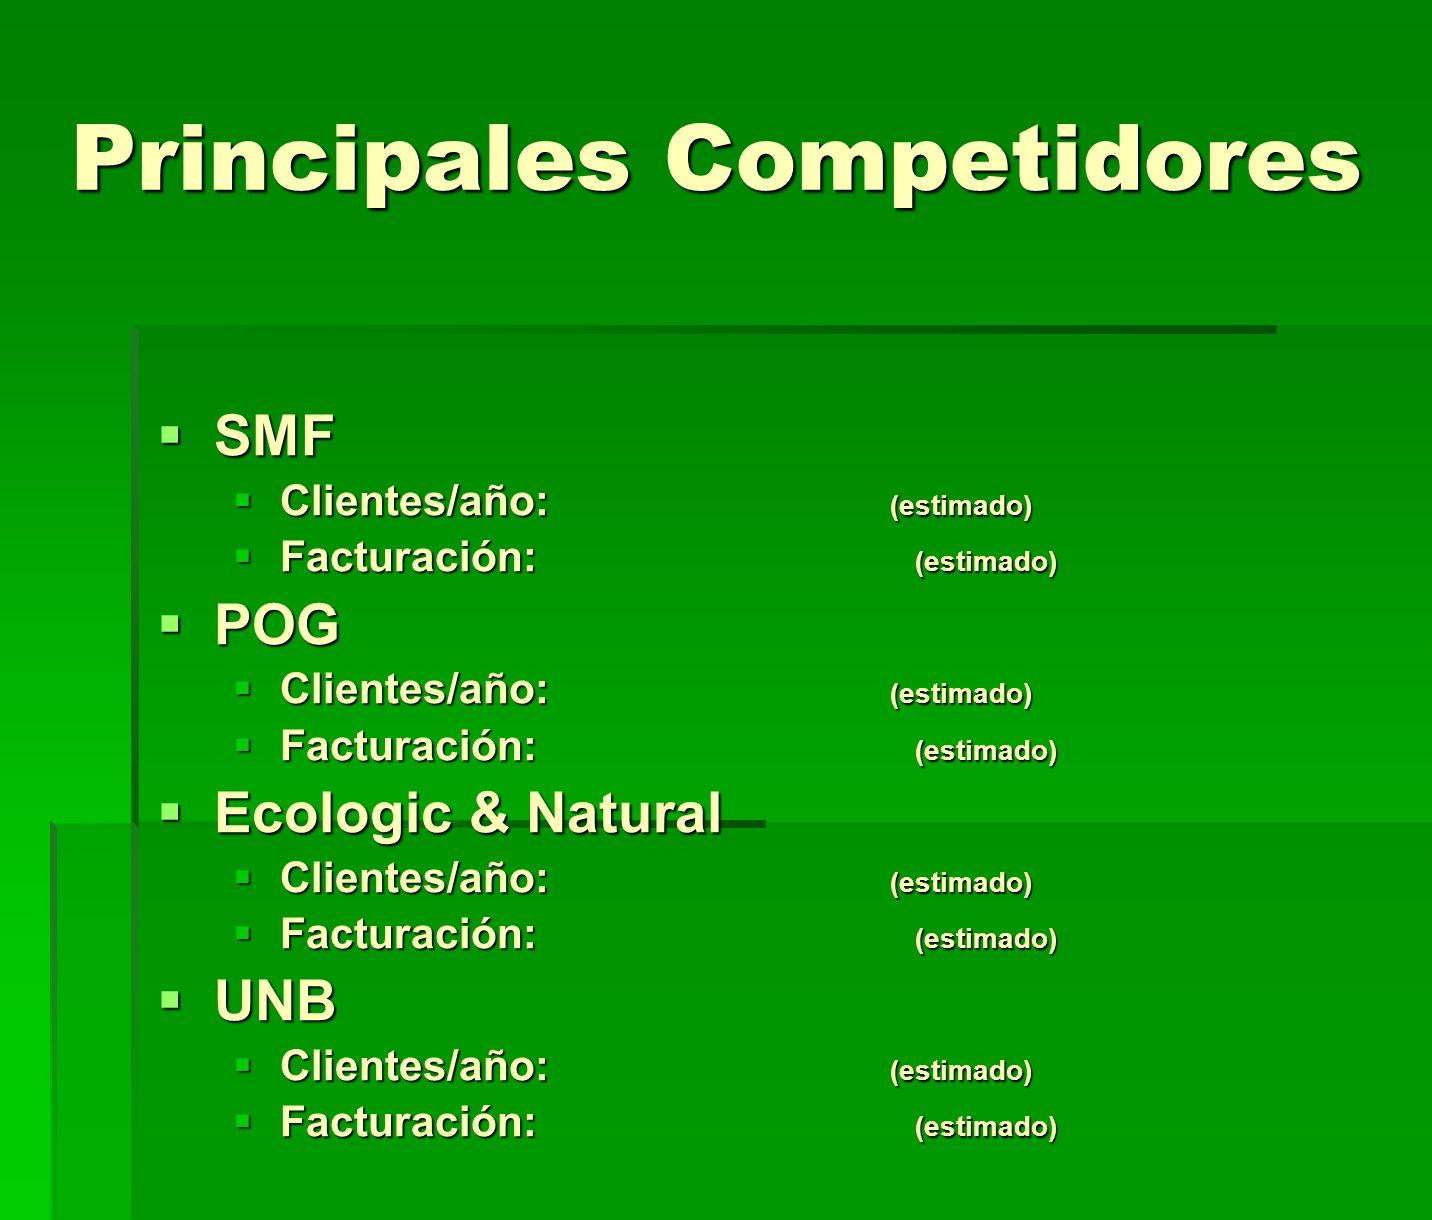 Principales Competidores SMF SMF Clientes/año: (estimado) Clientes/año: (estimado) Facturación: (estimado) Facturación: (estimado) POG POG Clientes/añ